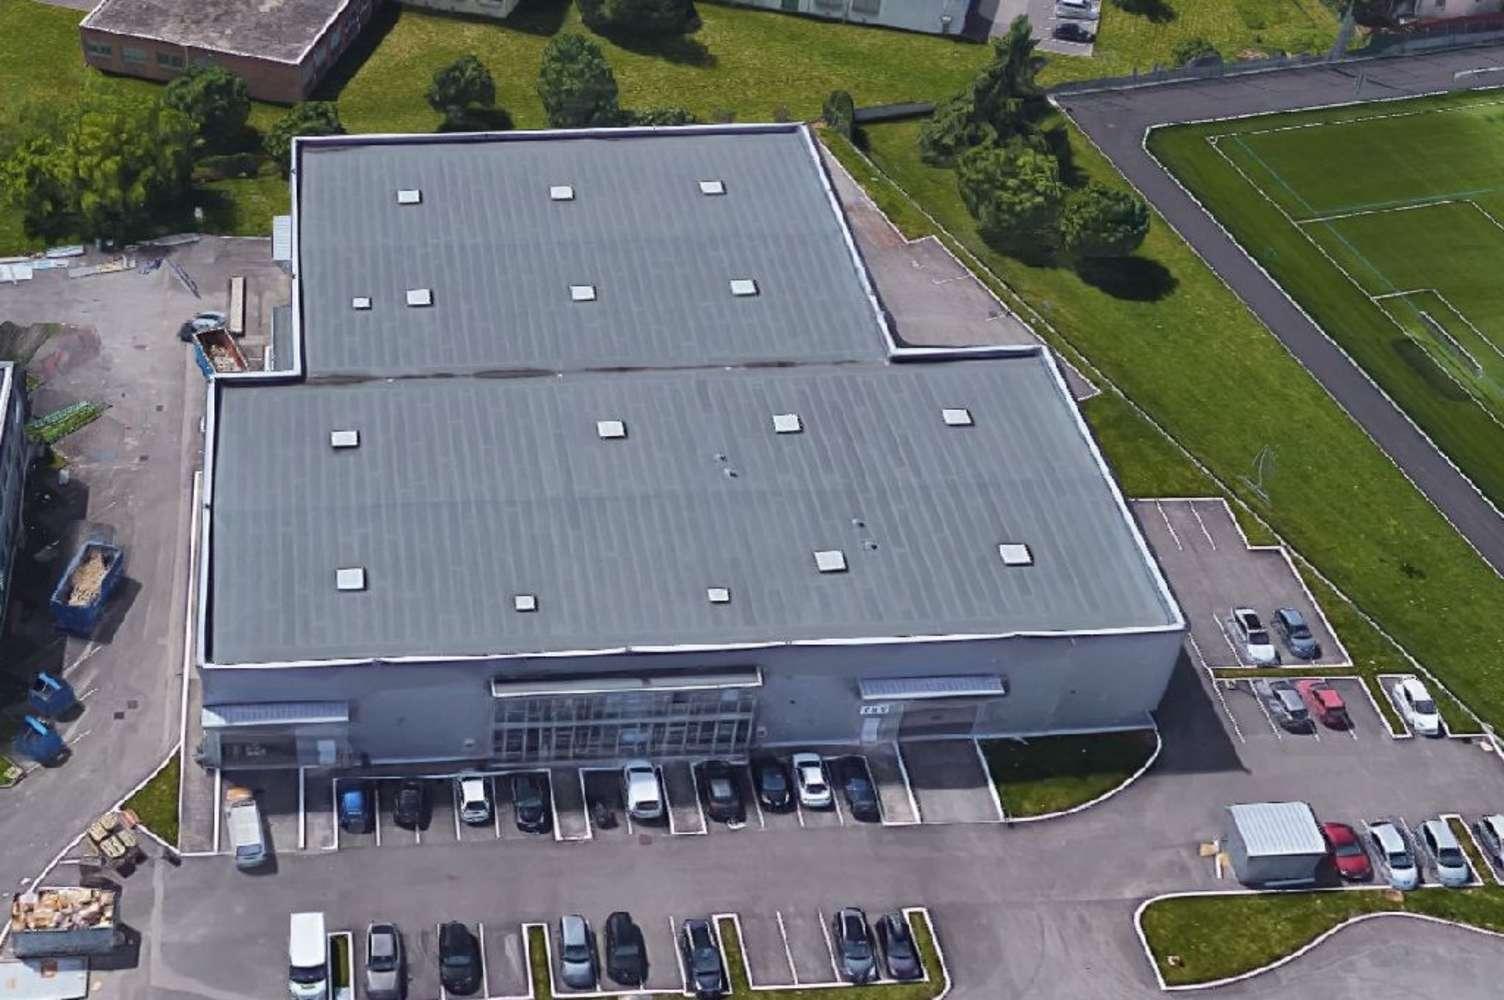 Activités/entrepôt Vaulx en velin, 69120 - Entrepot à louer Vaulx en Velin - Lyon - 9454332